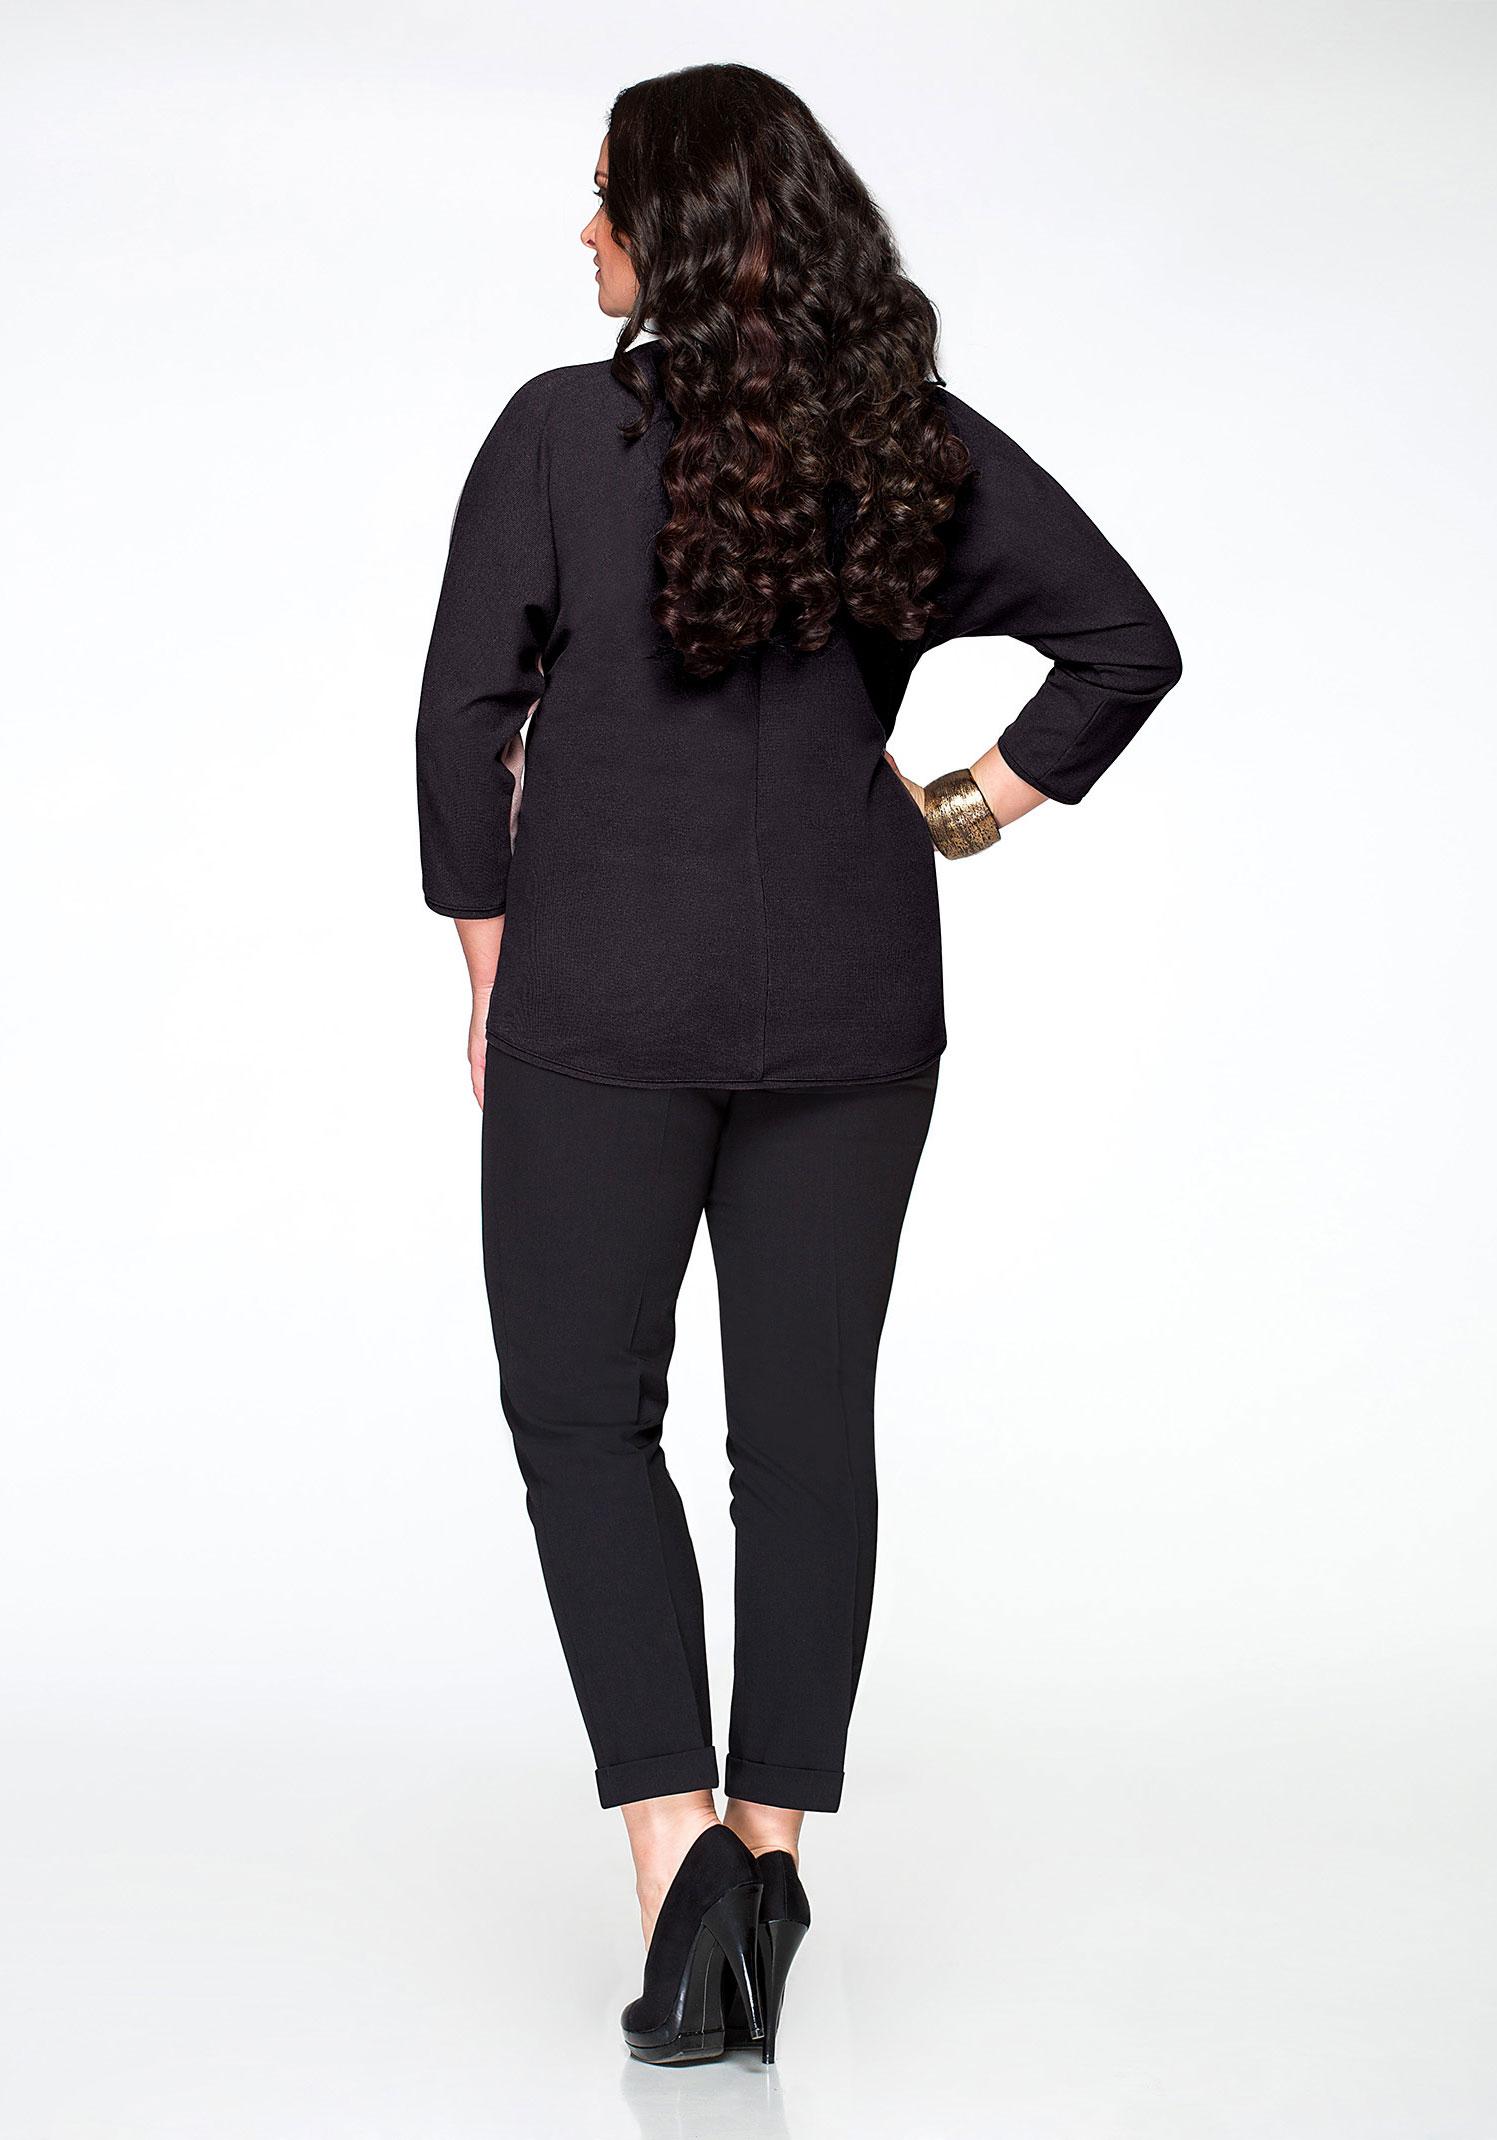 Женский брючный костюм. Модель 339620